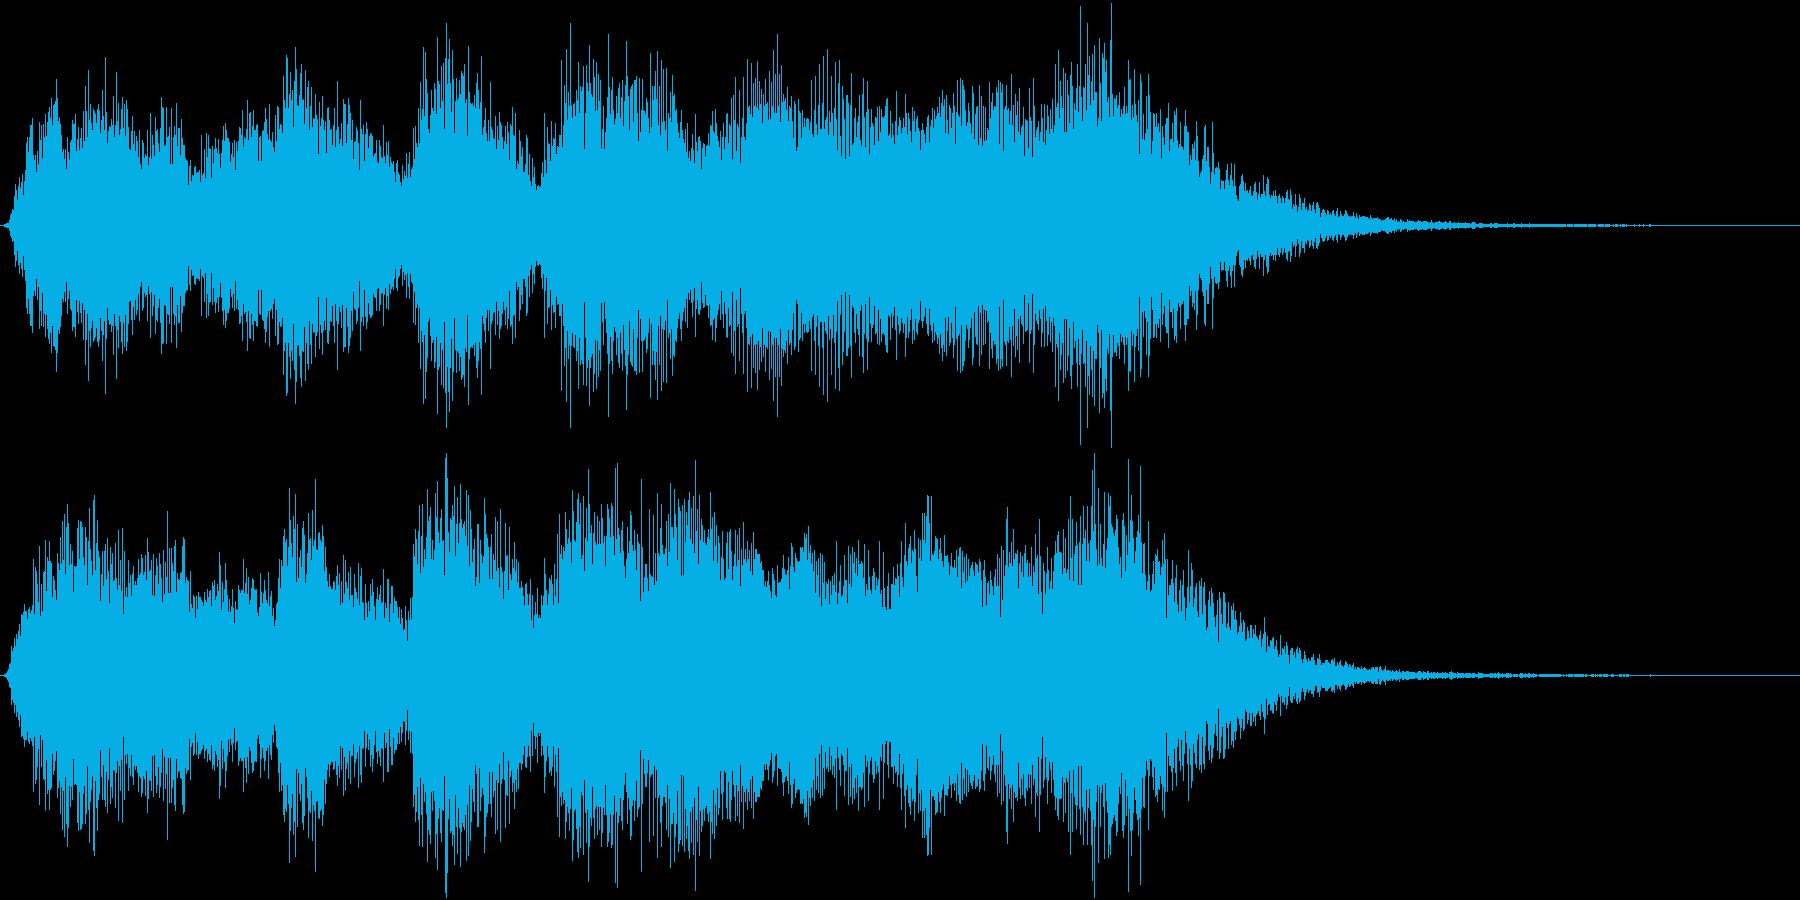 発表!表彰式ファンファーレ【特別賞】の再生済みの波形